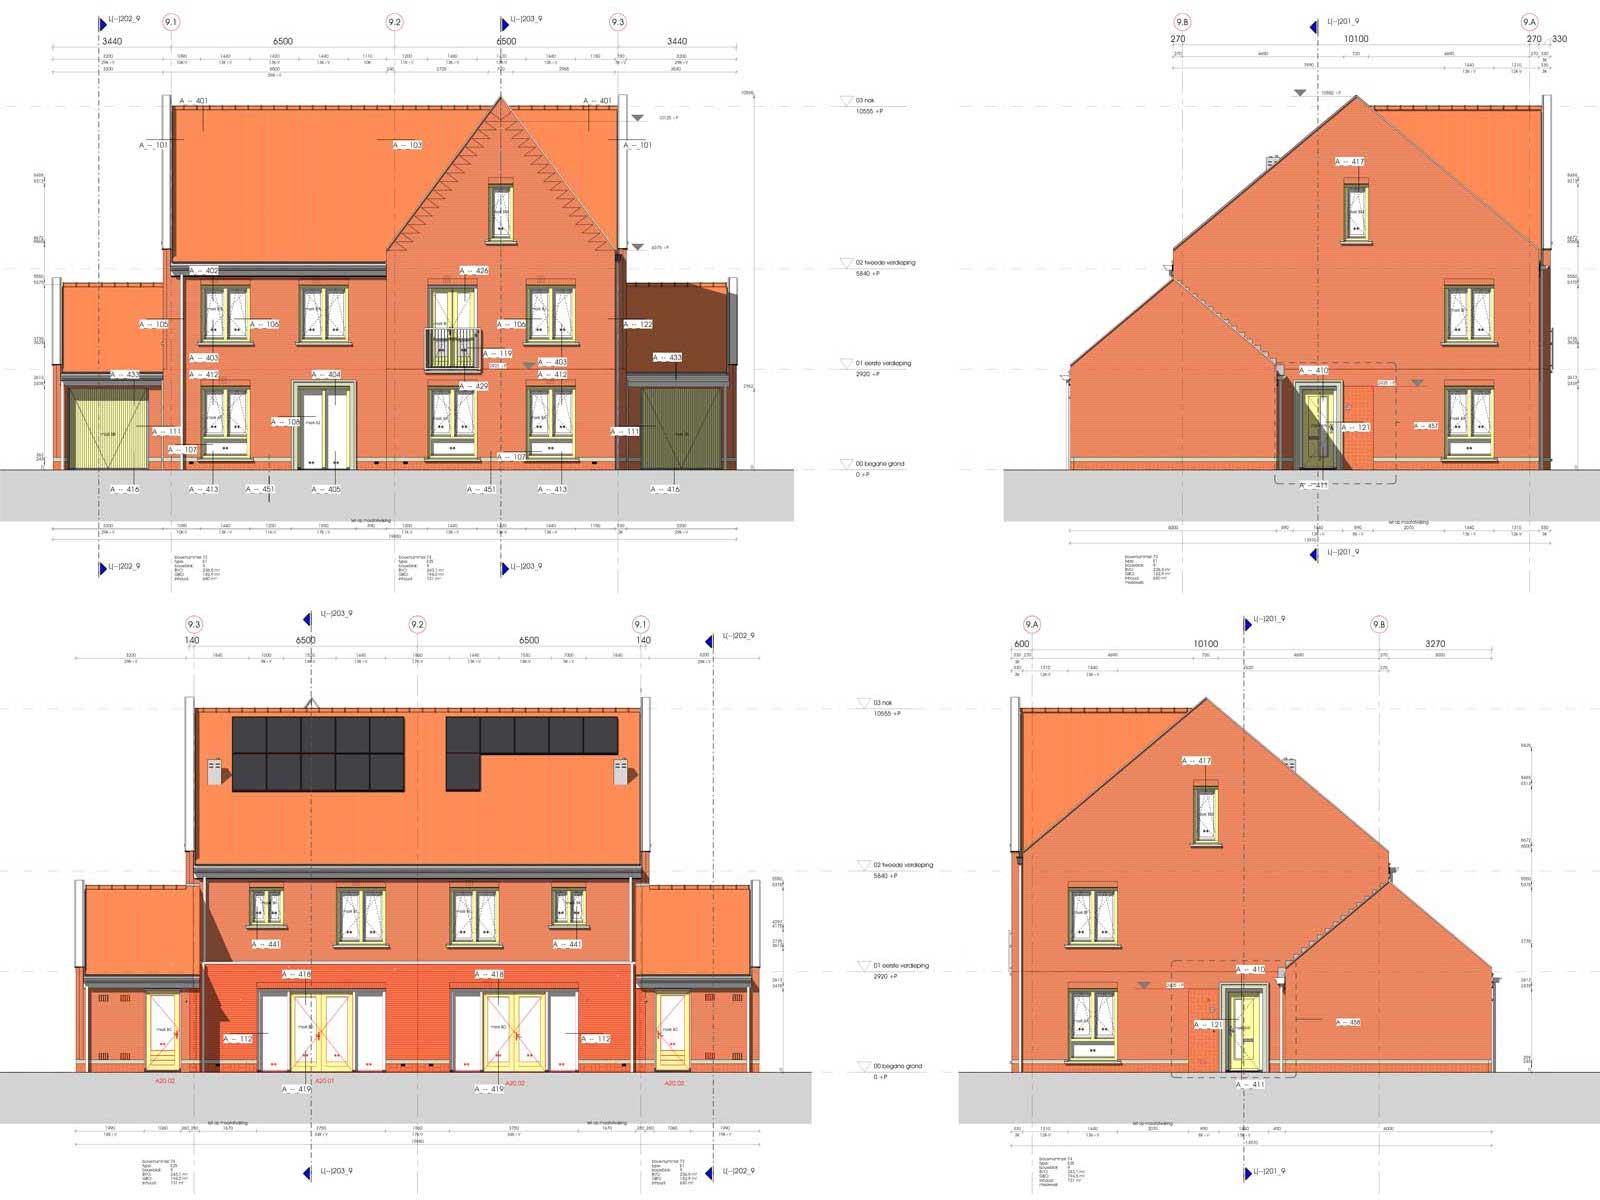 gevelaanzichten blok 9 - Zilverrijk in Schoonhoven